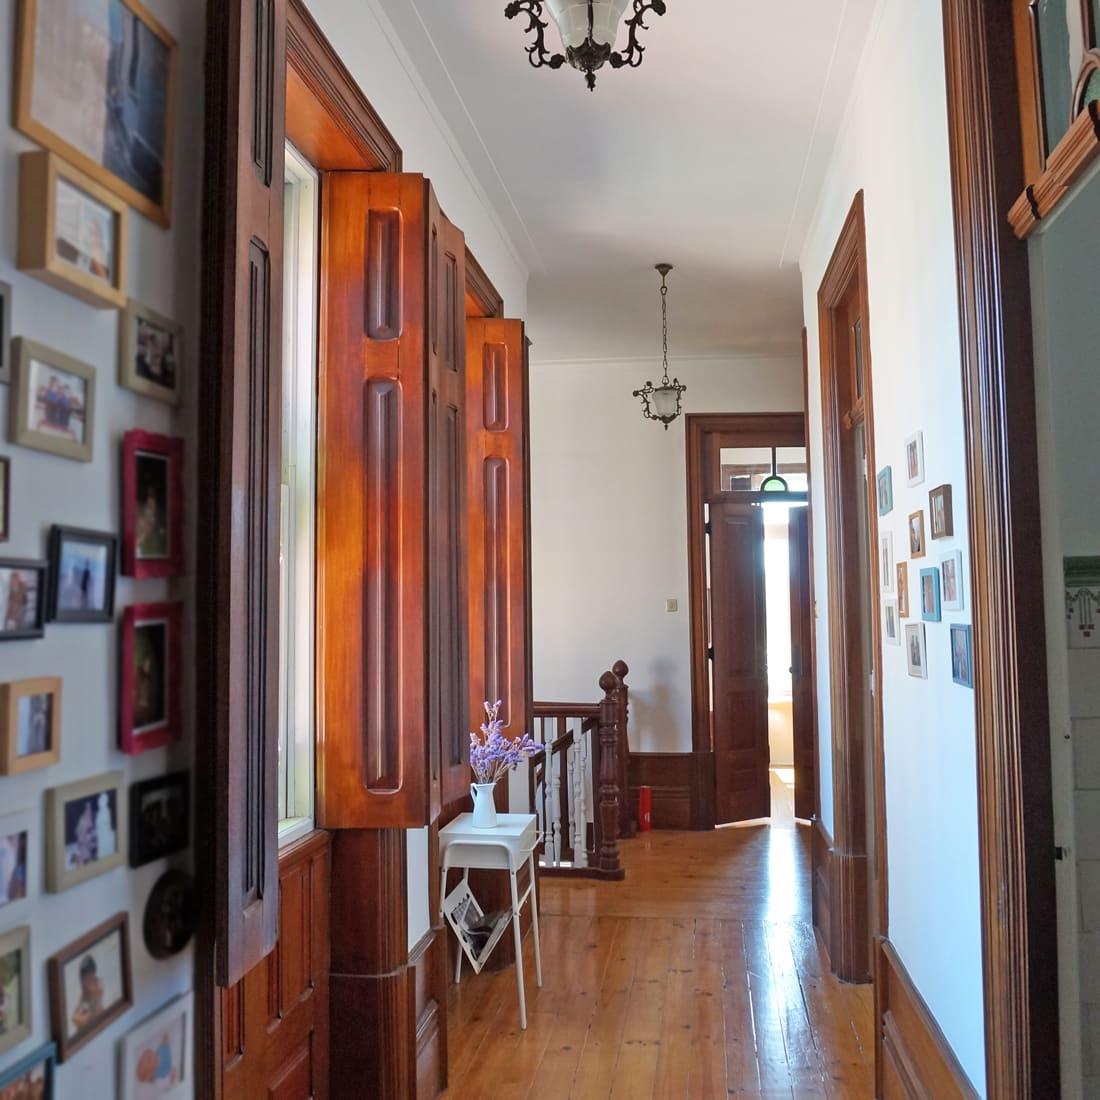 Lovely ... Das Ganze Haus, Ist Voll Von Einfach Nur Hammermäßig Wunderschönen  Holztüren, Die Natürlich Mit Glas Verziert Sind. Die Meisten Davon Sind  Doppelflüglig ...